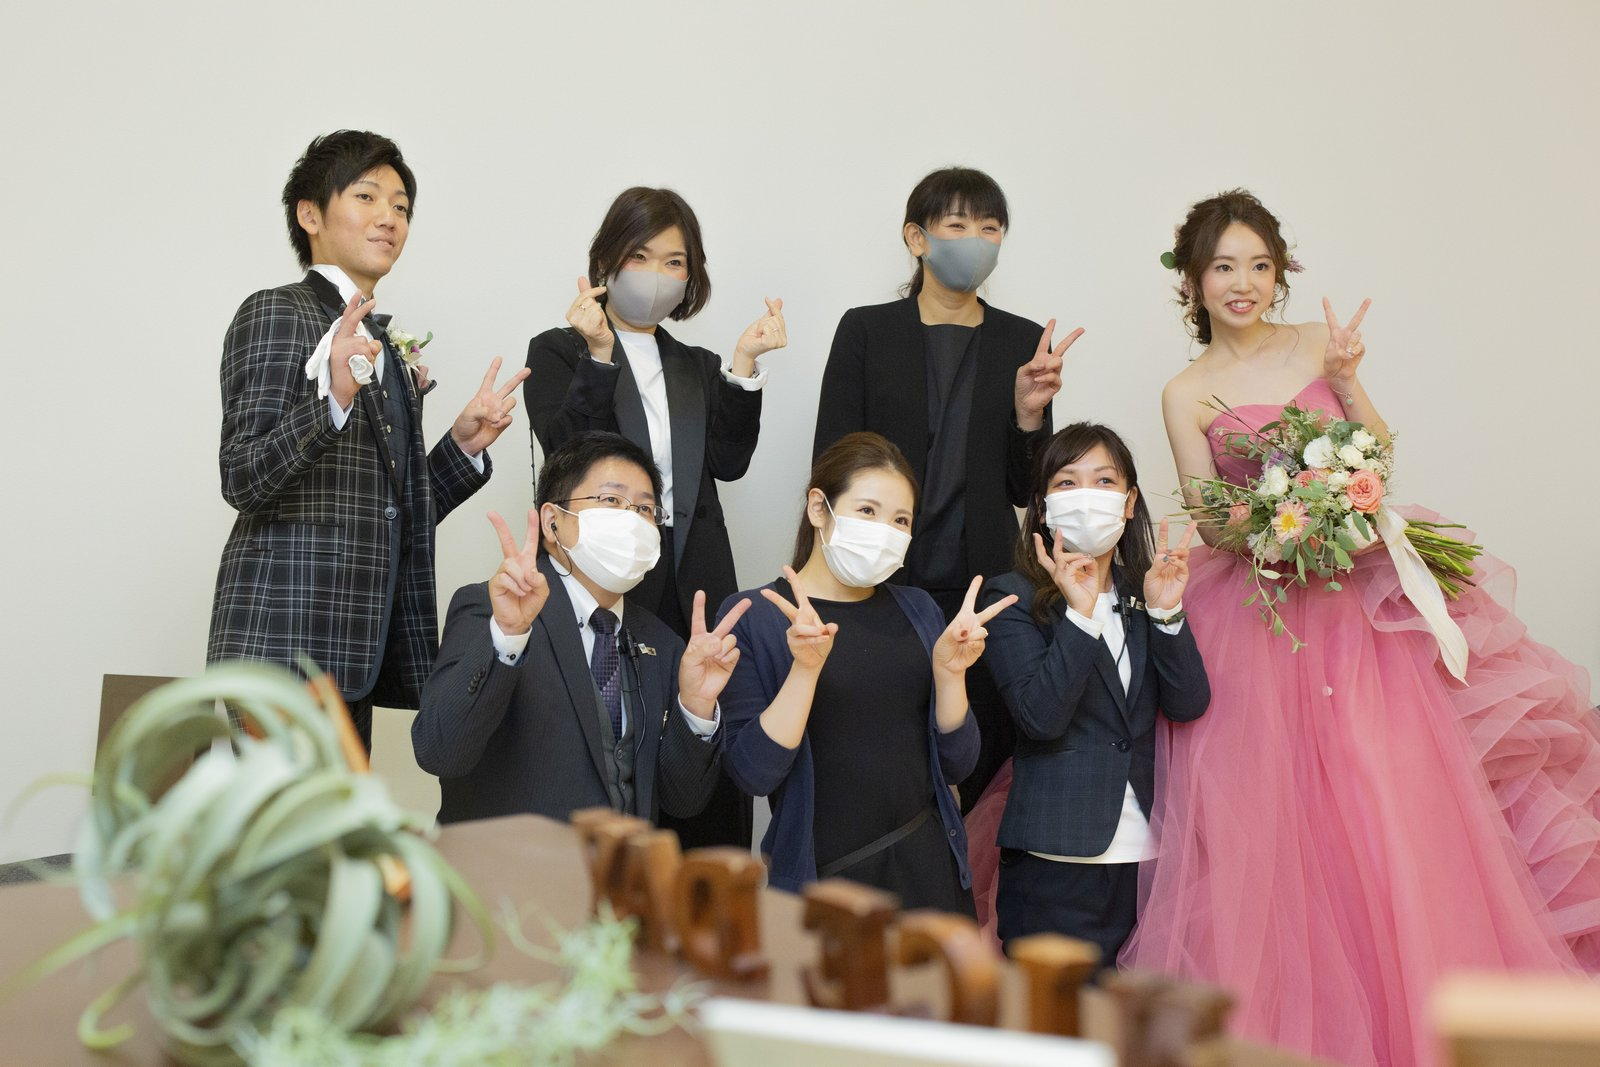 徳島市の結婚式場ブランアンジュでスタッフと記念写真をとる新郎新婦